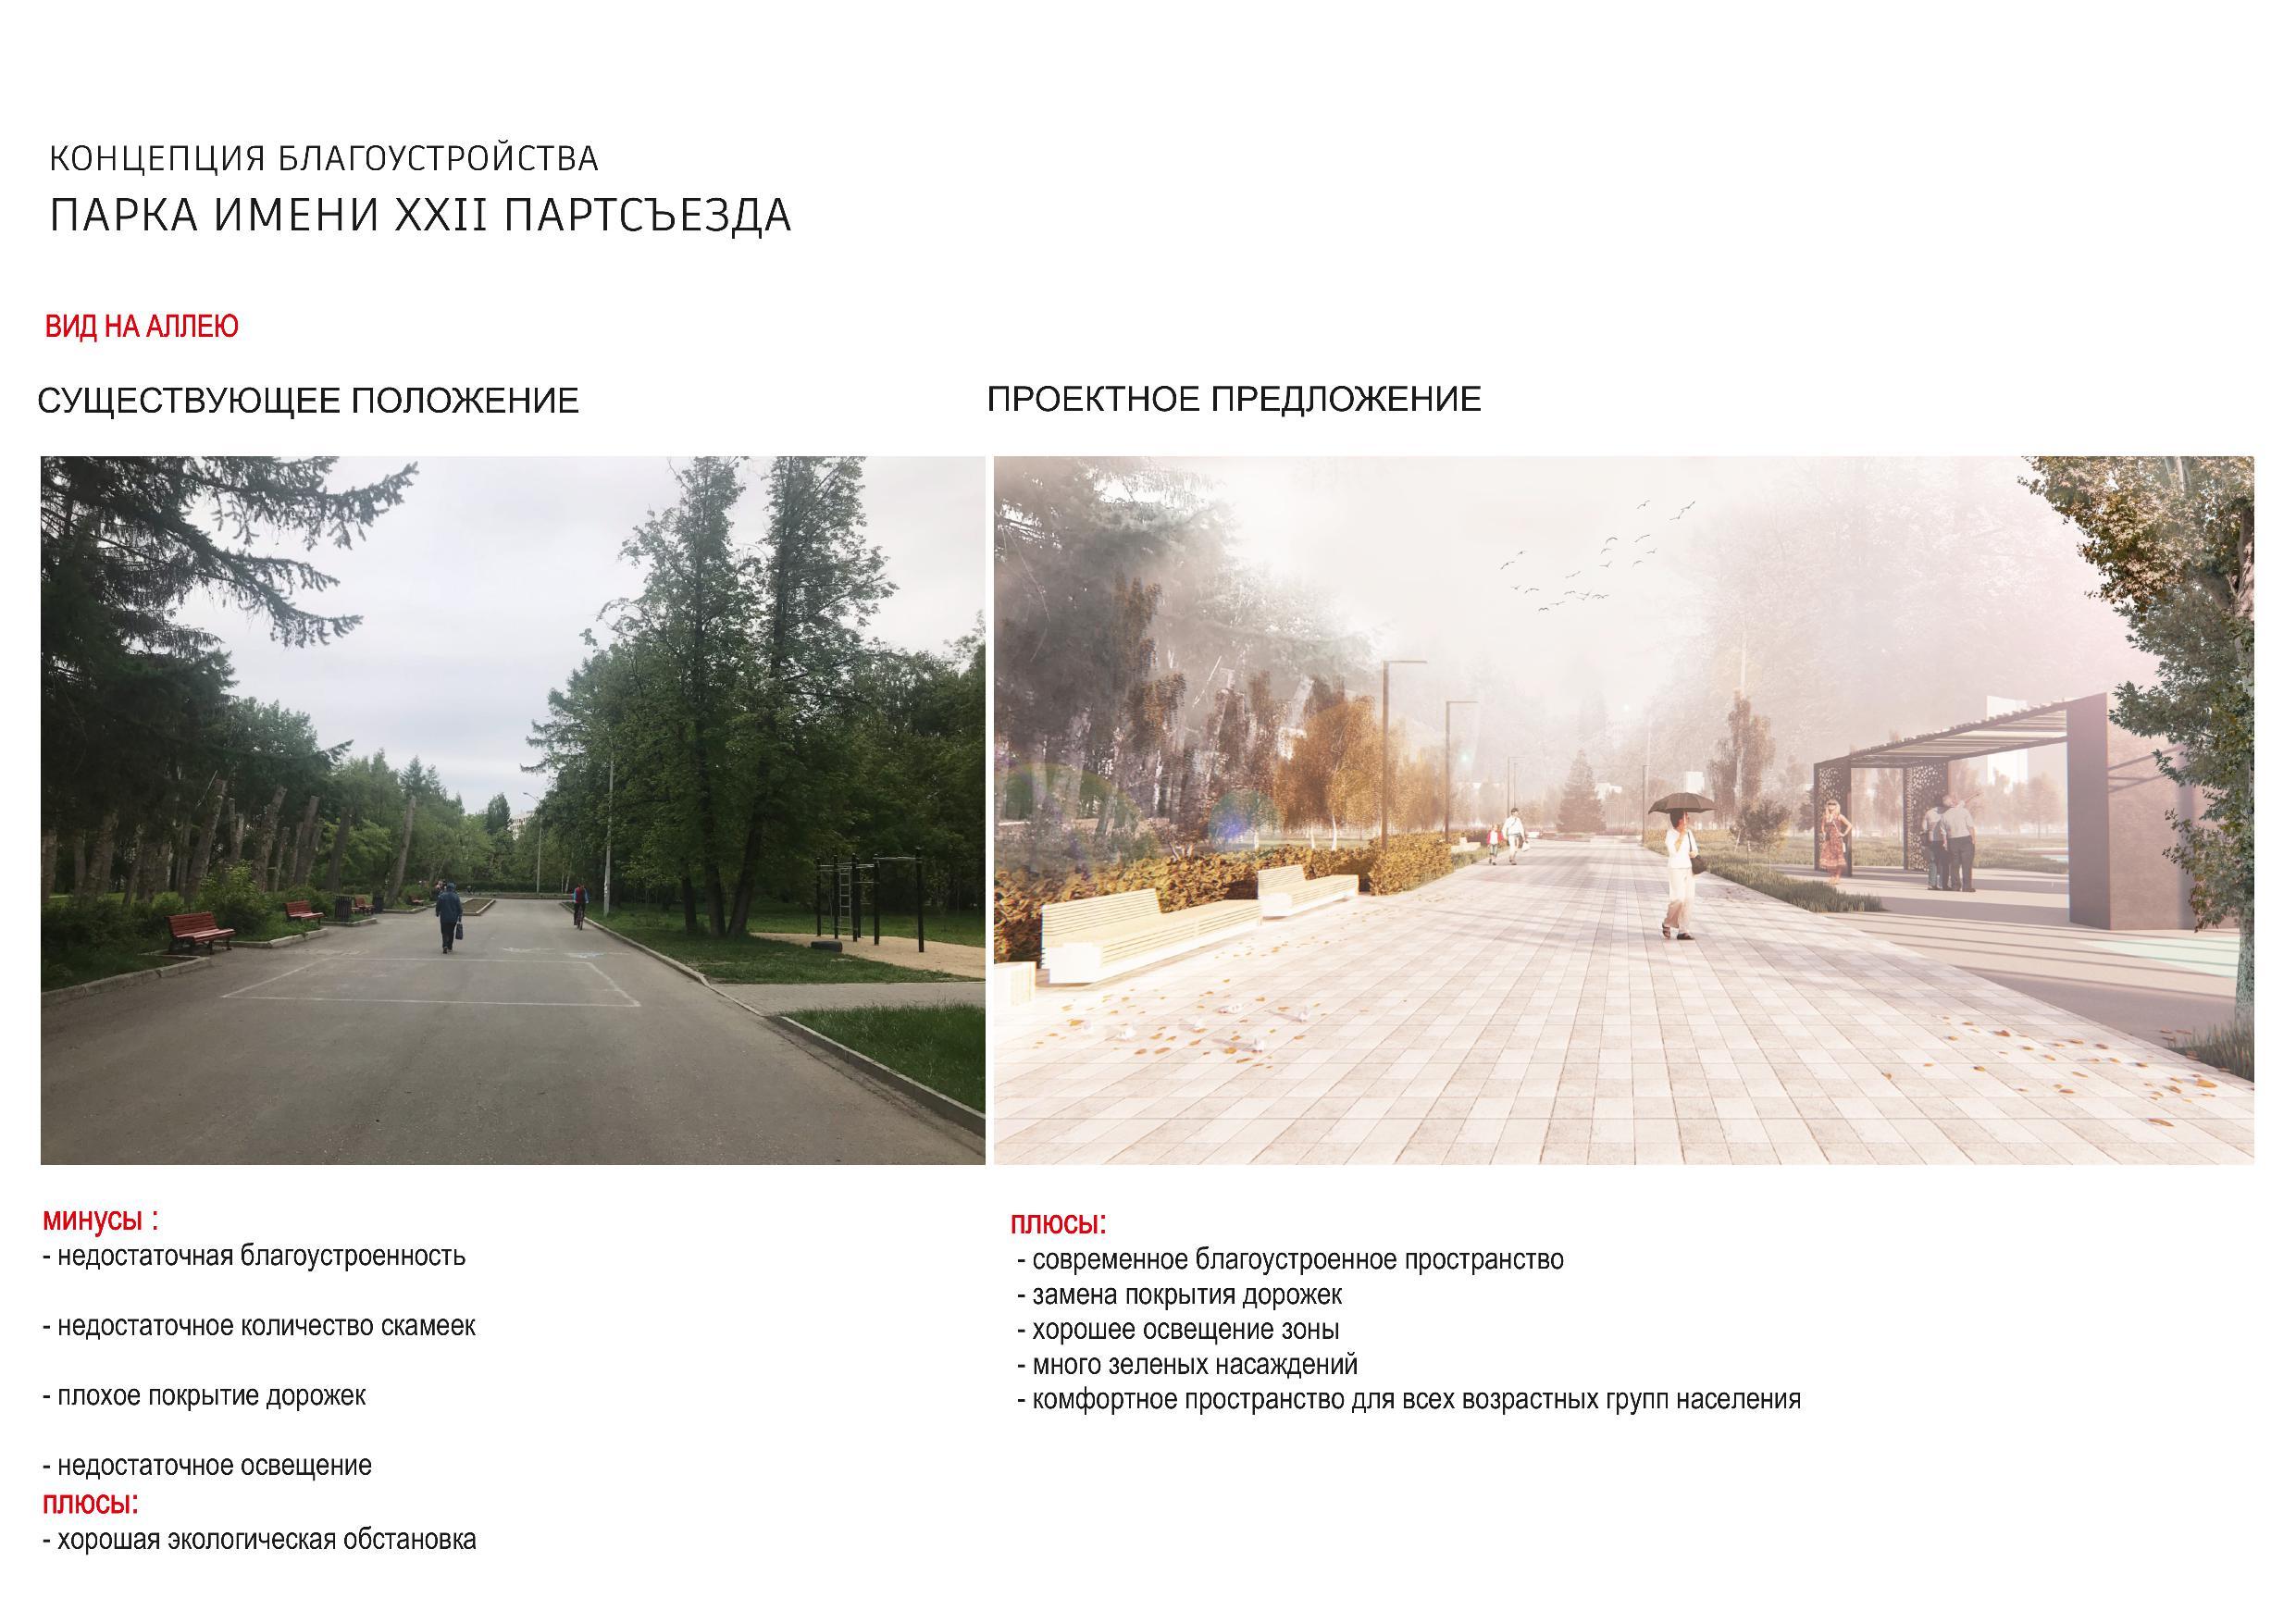 Так, согласно презентации проекта, будет выглядеть главная аллея в парке